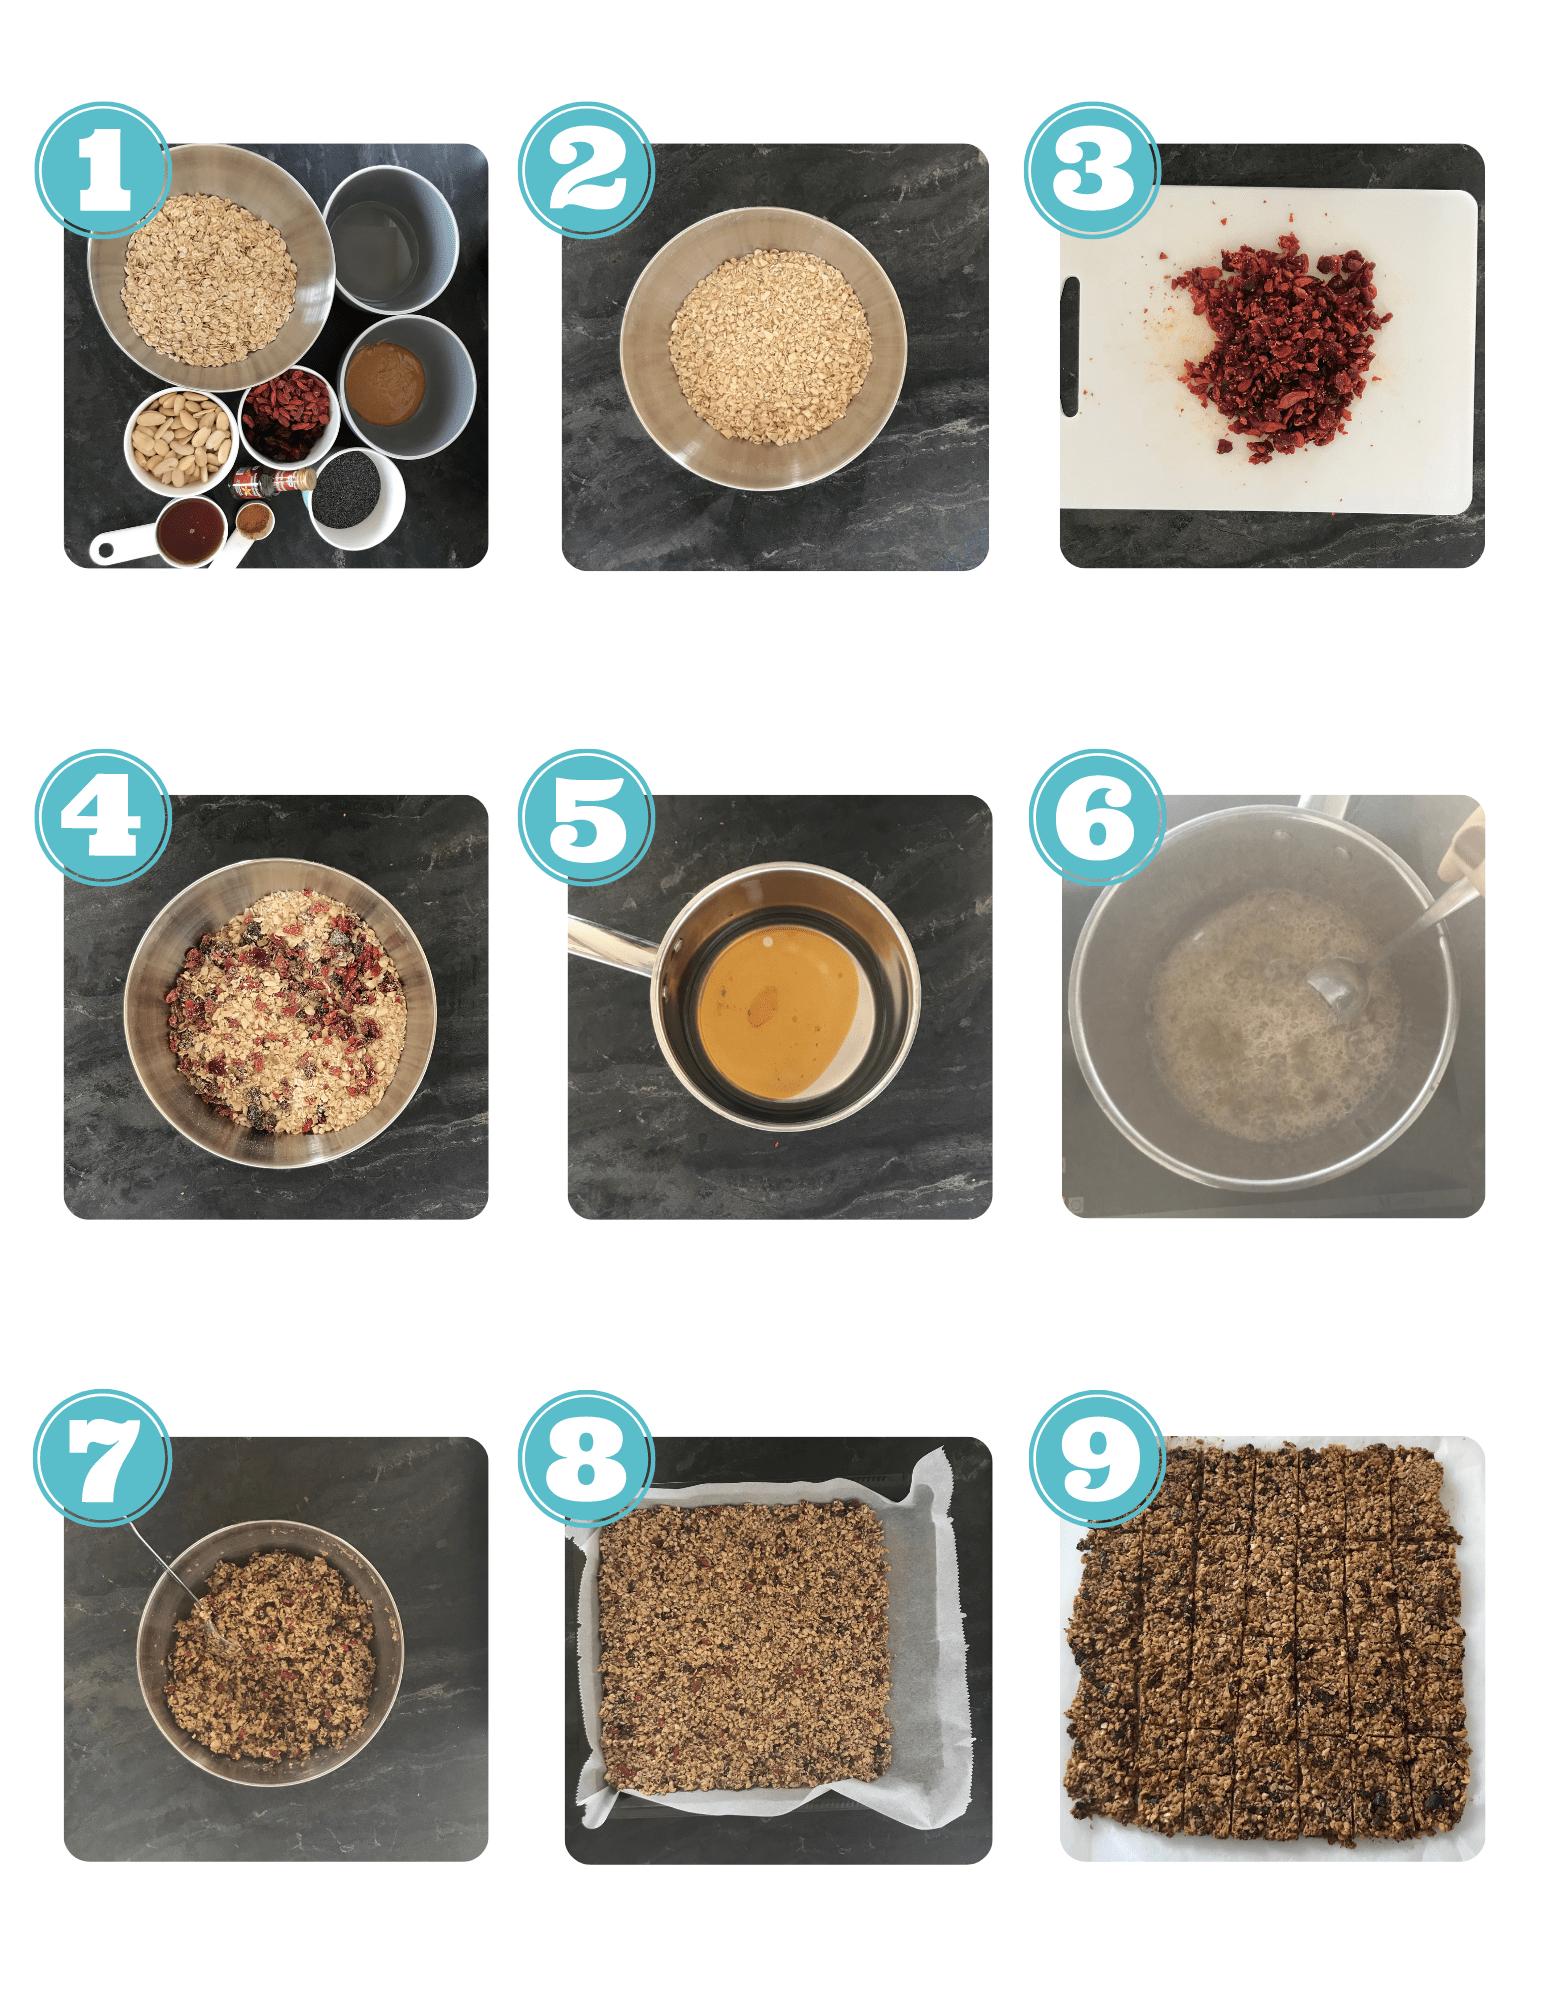 Muesli fatto in casa: 3 ricette sane per bambini